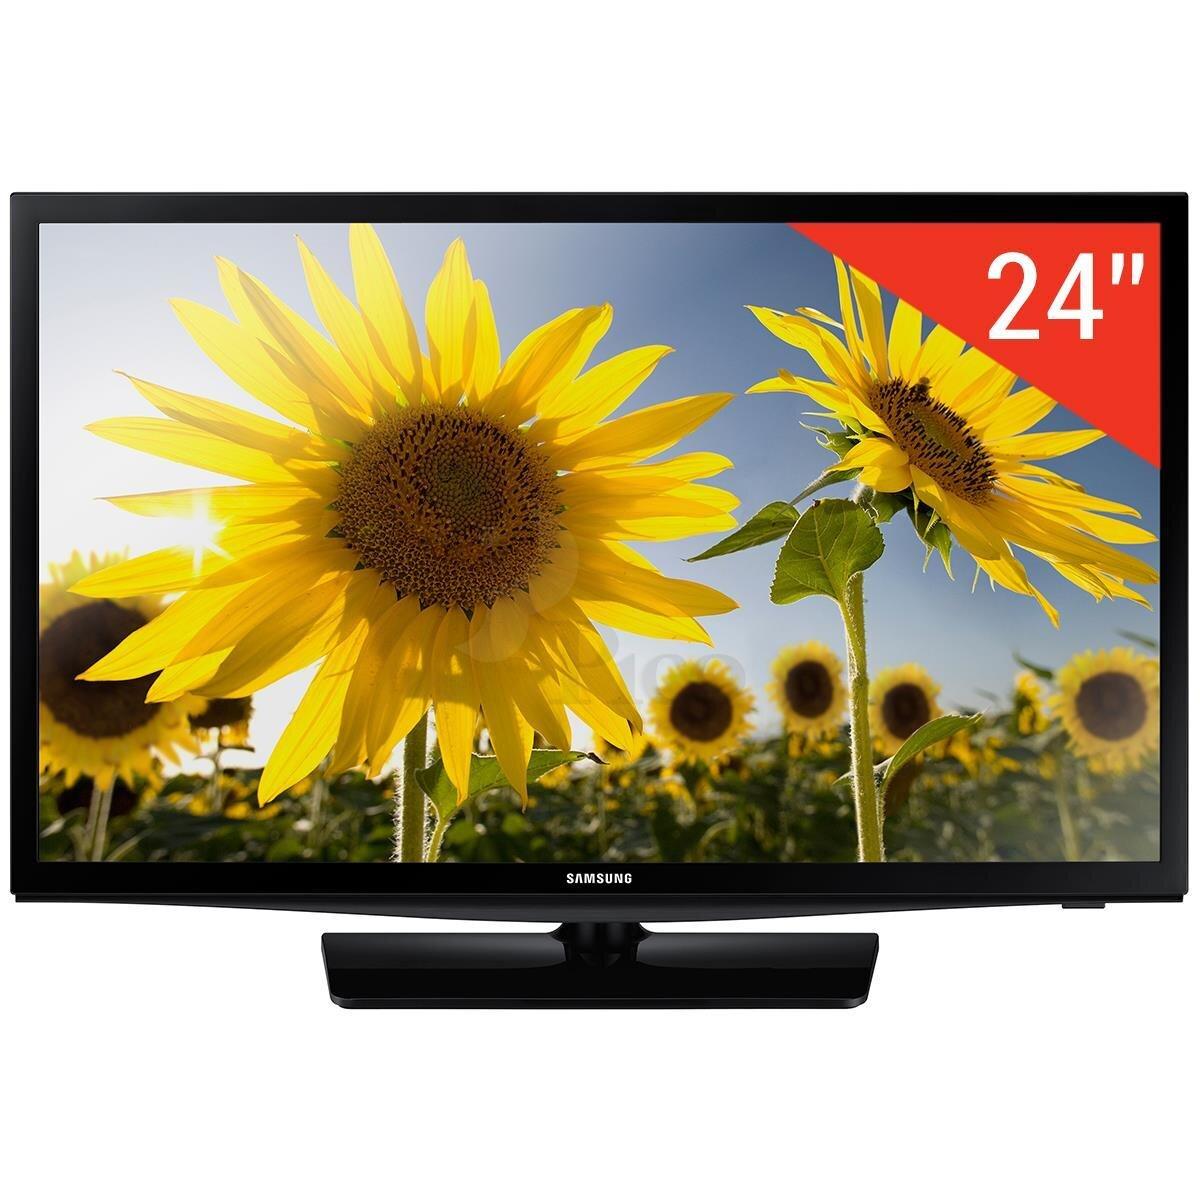 Đánh giá tivi LED Samsung UA24H4100 – 24 inch, 1366 x 768 pixel